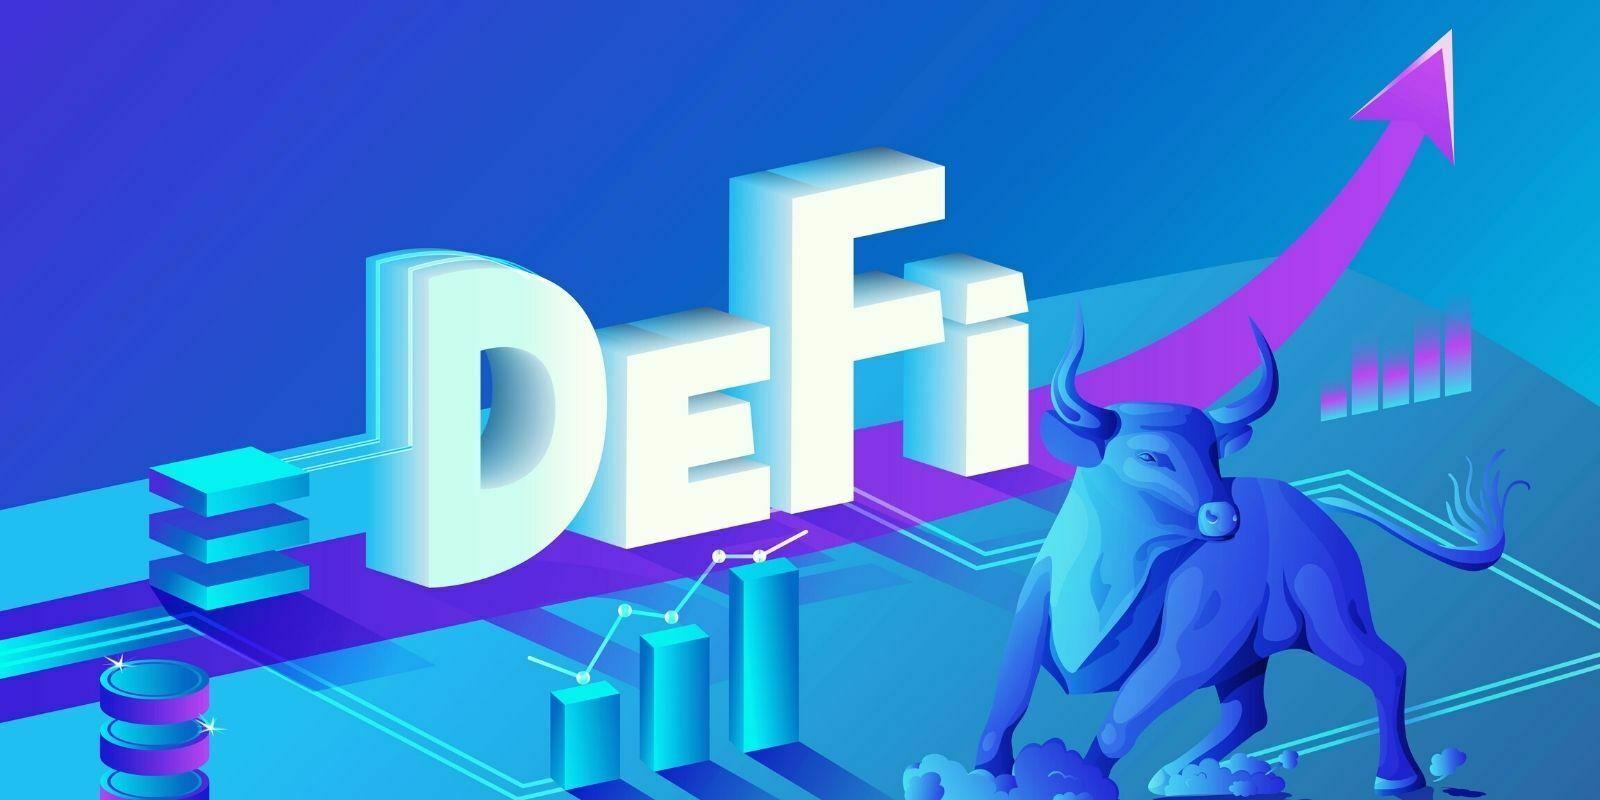 L'avenir des banques se trouve dans la DeFi, selon le régulateur des banques américaines